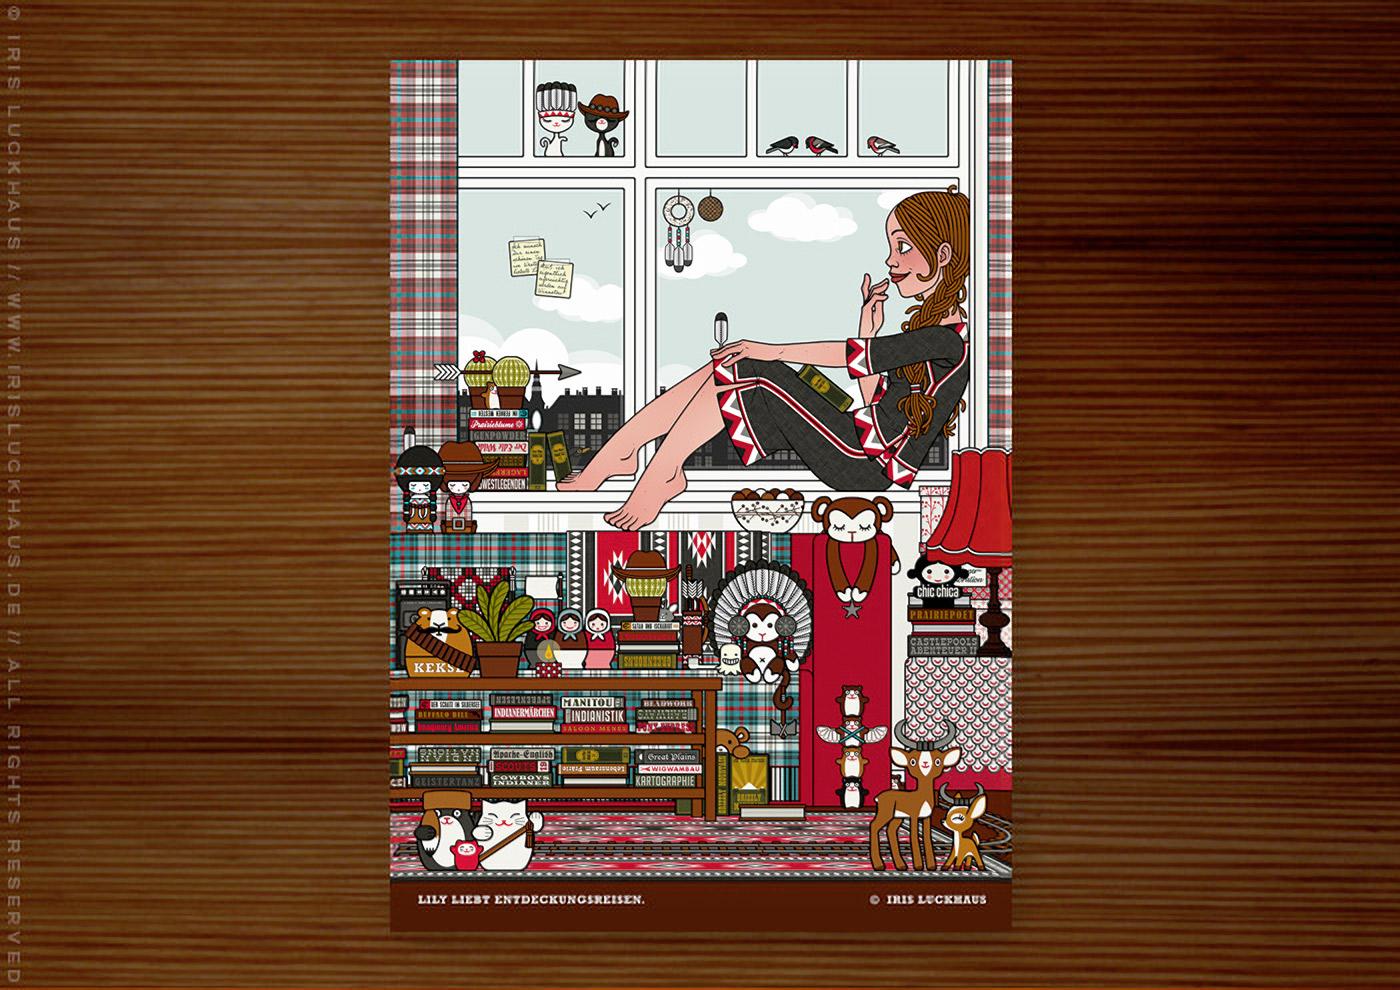 Postkarte mit Lily Lux als Mädchen auf Zimmerreise in den Wilden Westen mit Büchern, Cowboy-, Cowgirl- und Indianerfiguren, für Anthologie Hugh! Winnetou für Edition 52